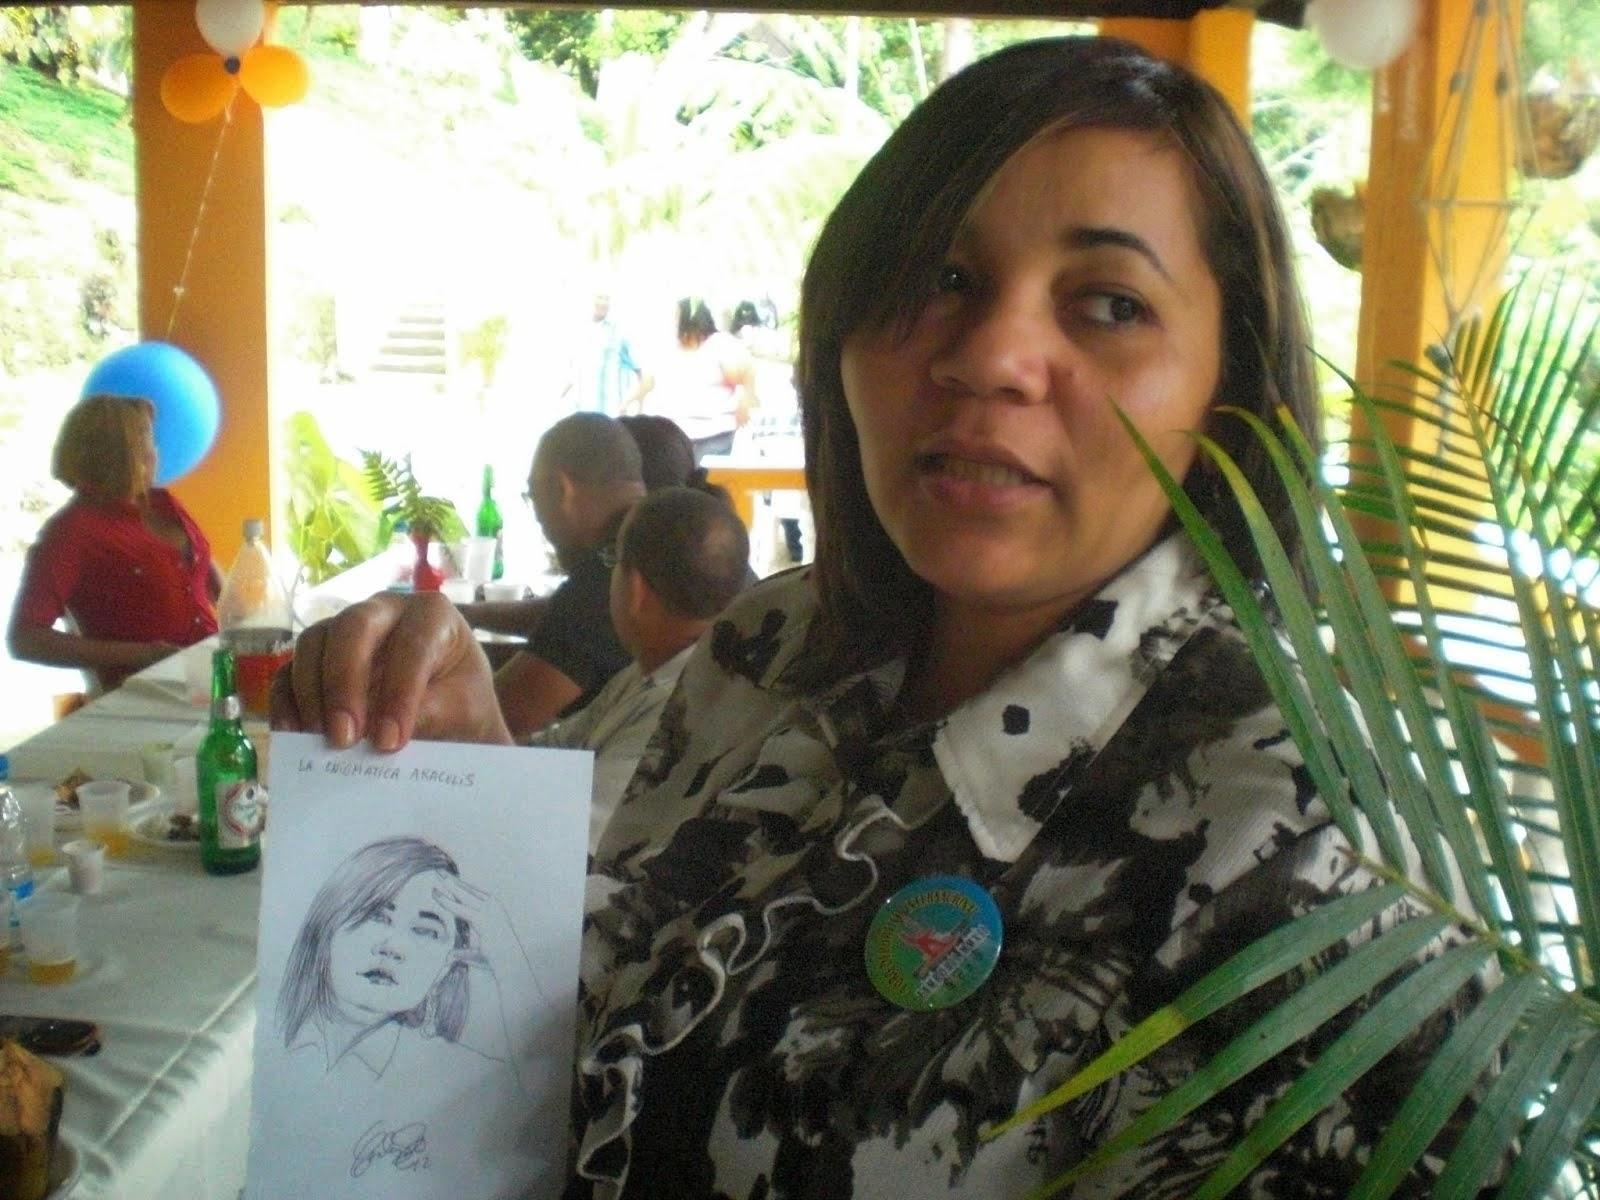 De Cumpleaños Sra. Aracelys Santana